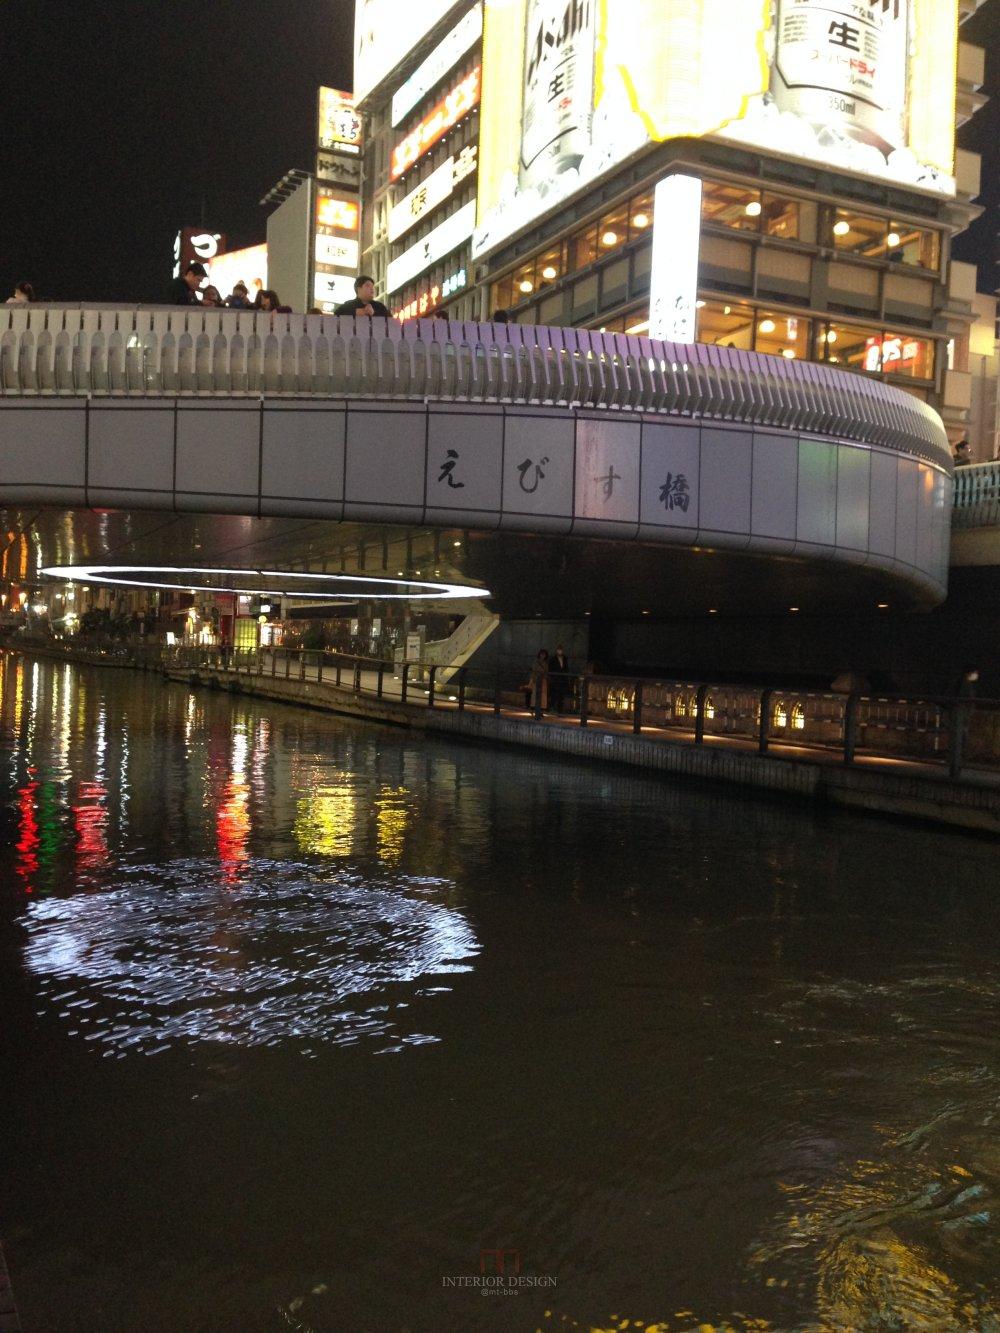 #伙伴一起看日本#  日本设计考察分享(更新美秀美术馆)_IMG_4918.JPG